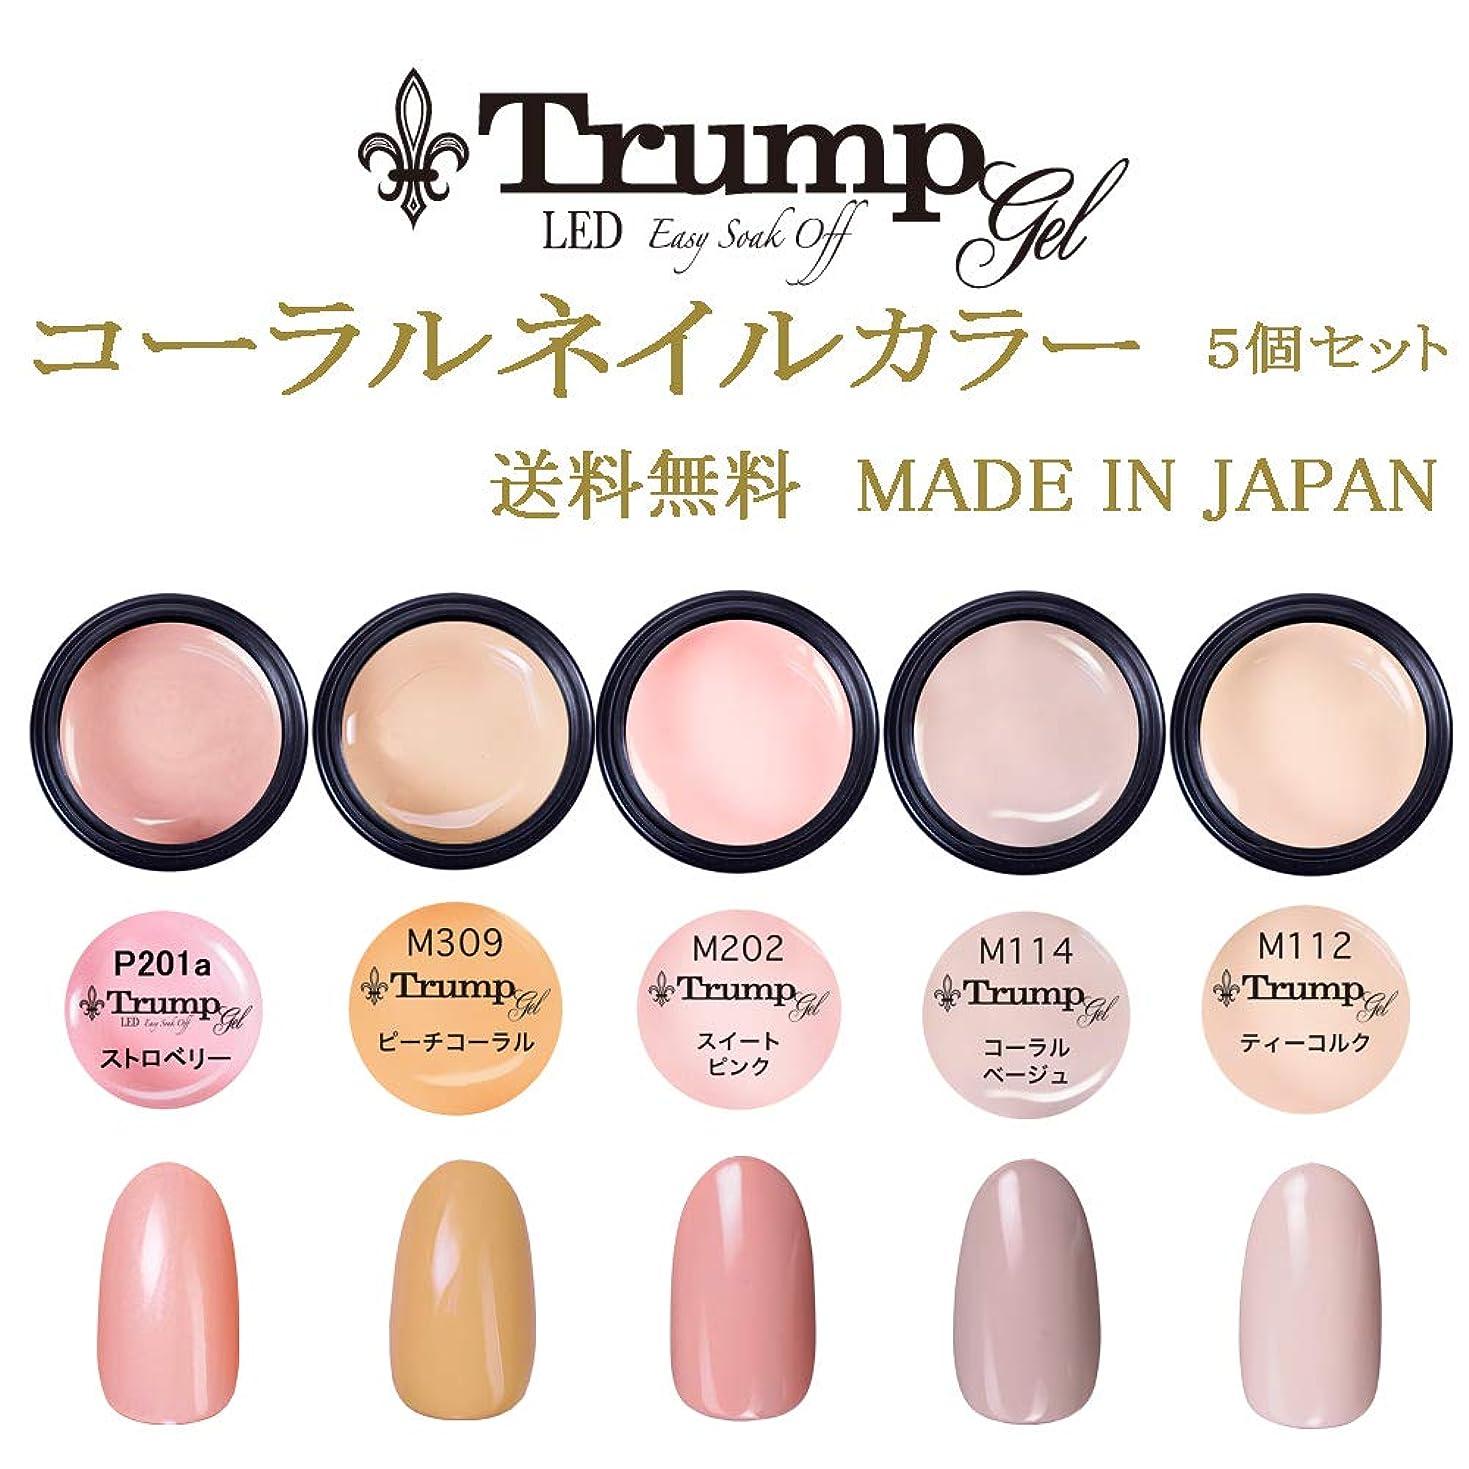 【送料無料】日本製 Trump gel トランプジェル コーラルネイル カラージェル 5個セット 明るくて可愛い コーラルネイルカラージェルセット